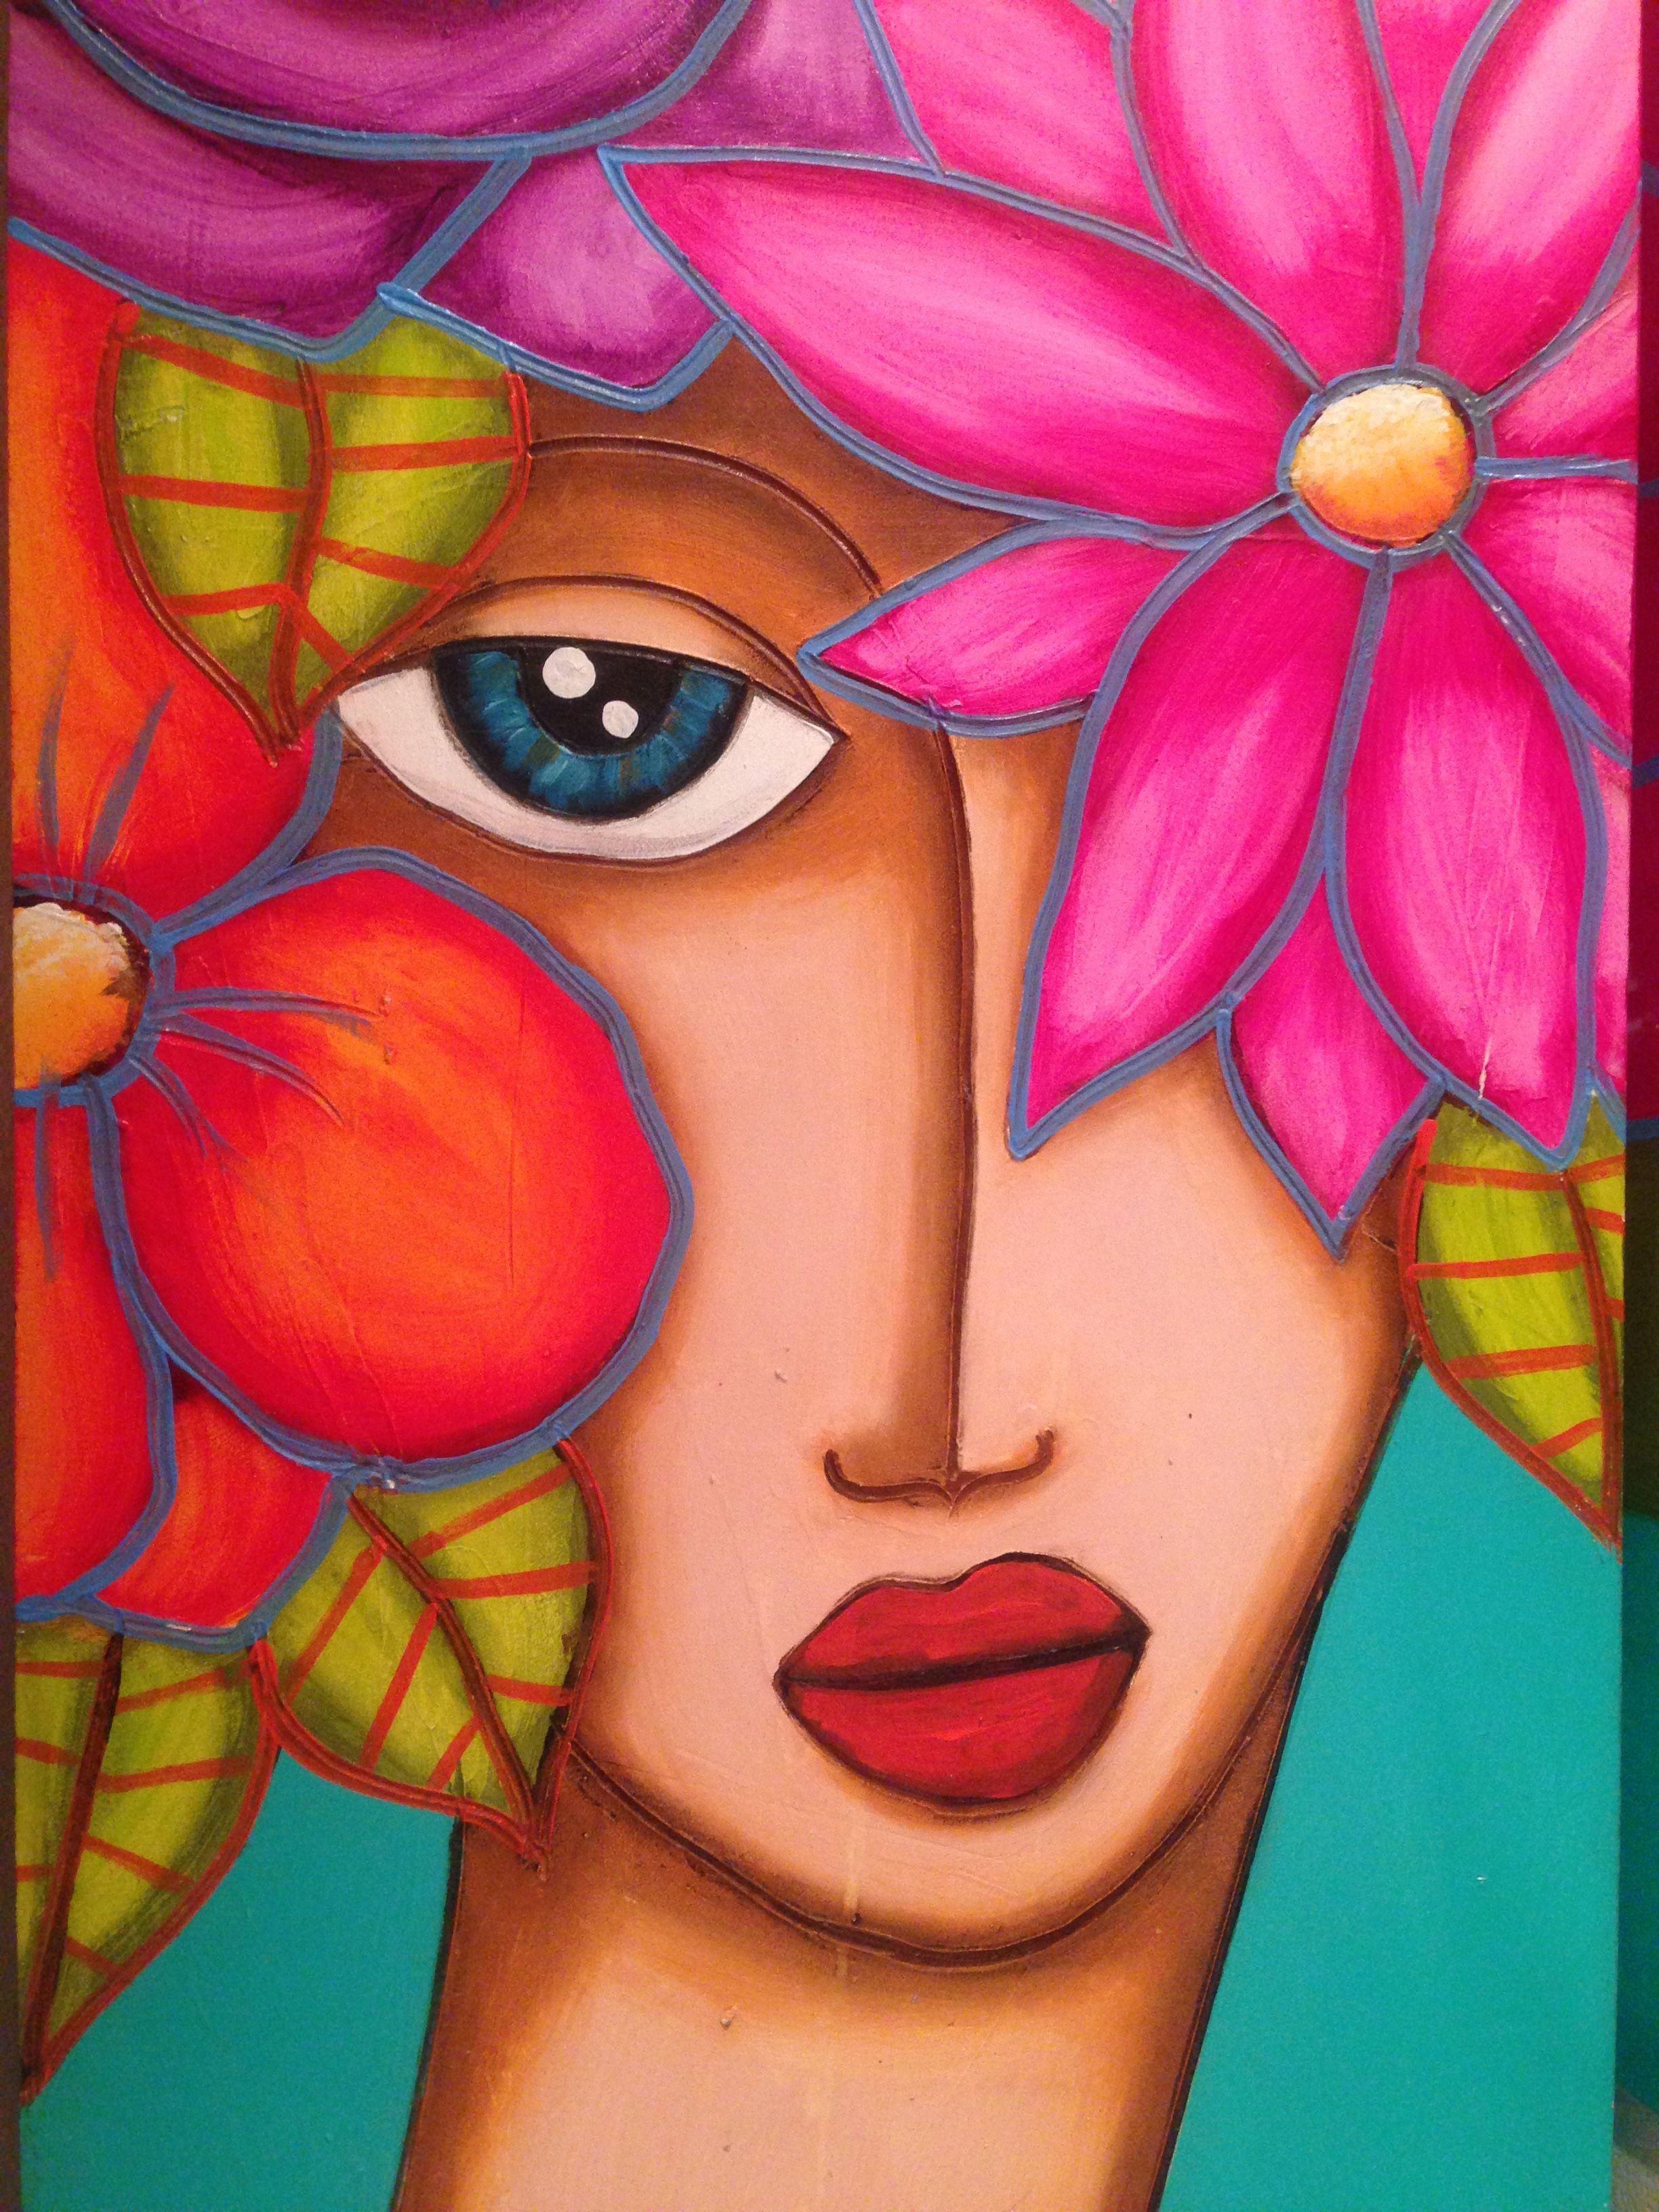 Cuadro Mujer Pinturas Abstractas Pintura Oleo Abstracto Rostros De Arte